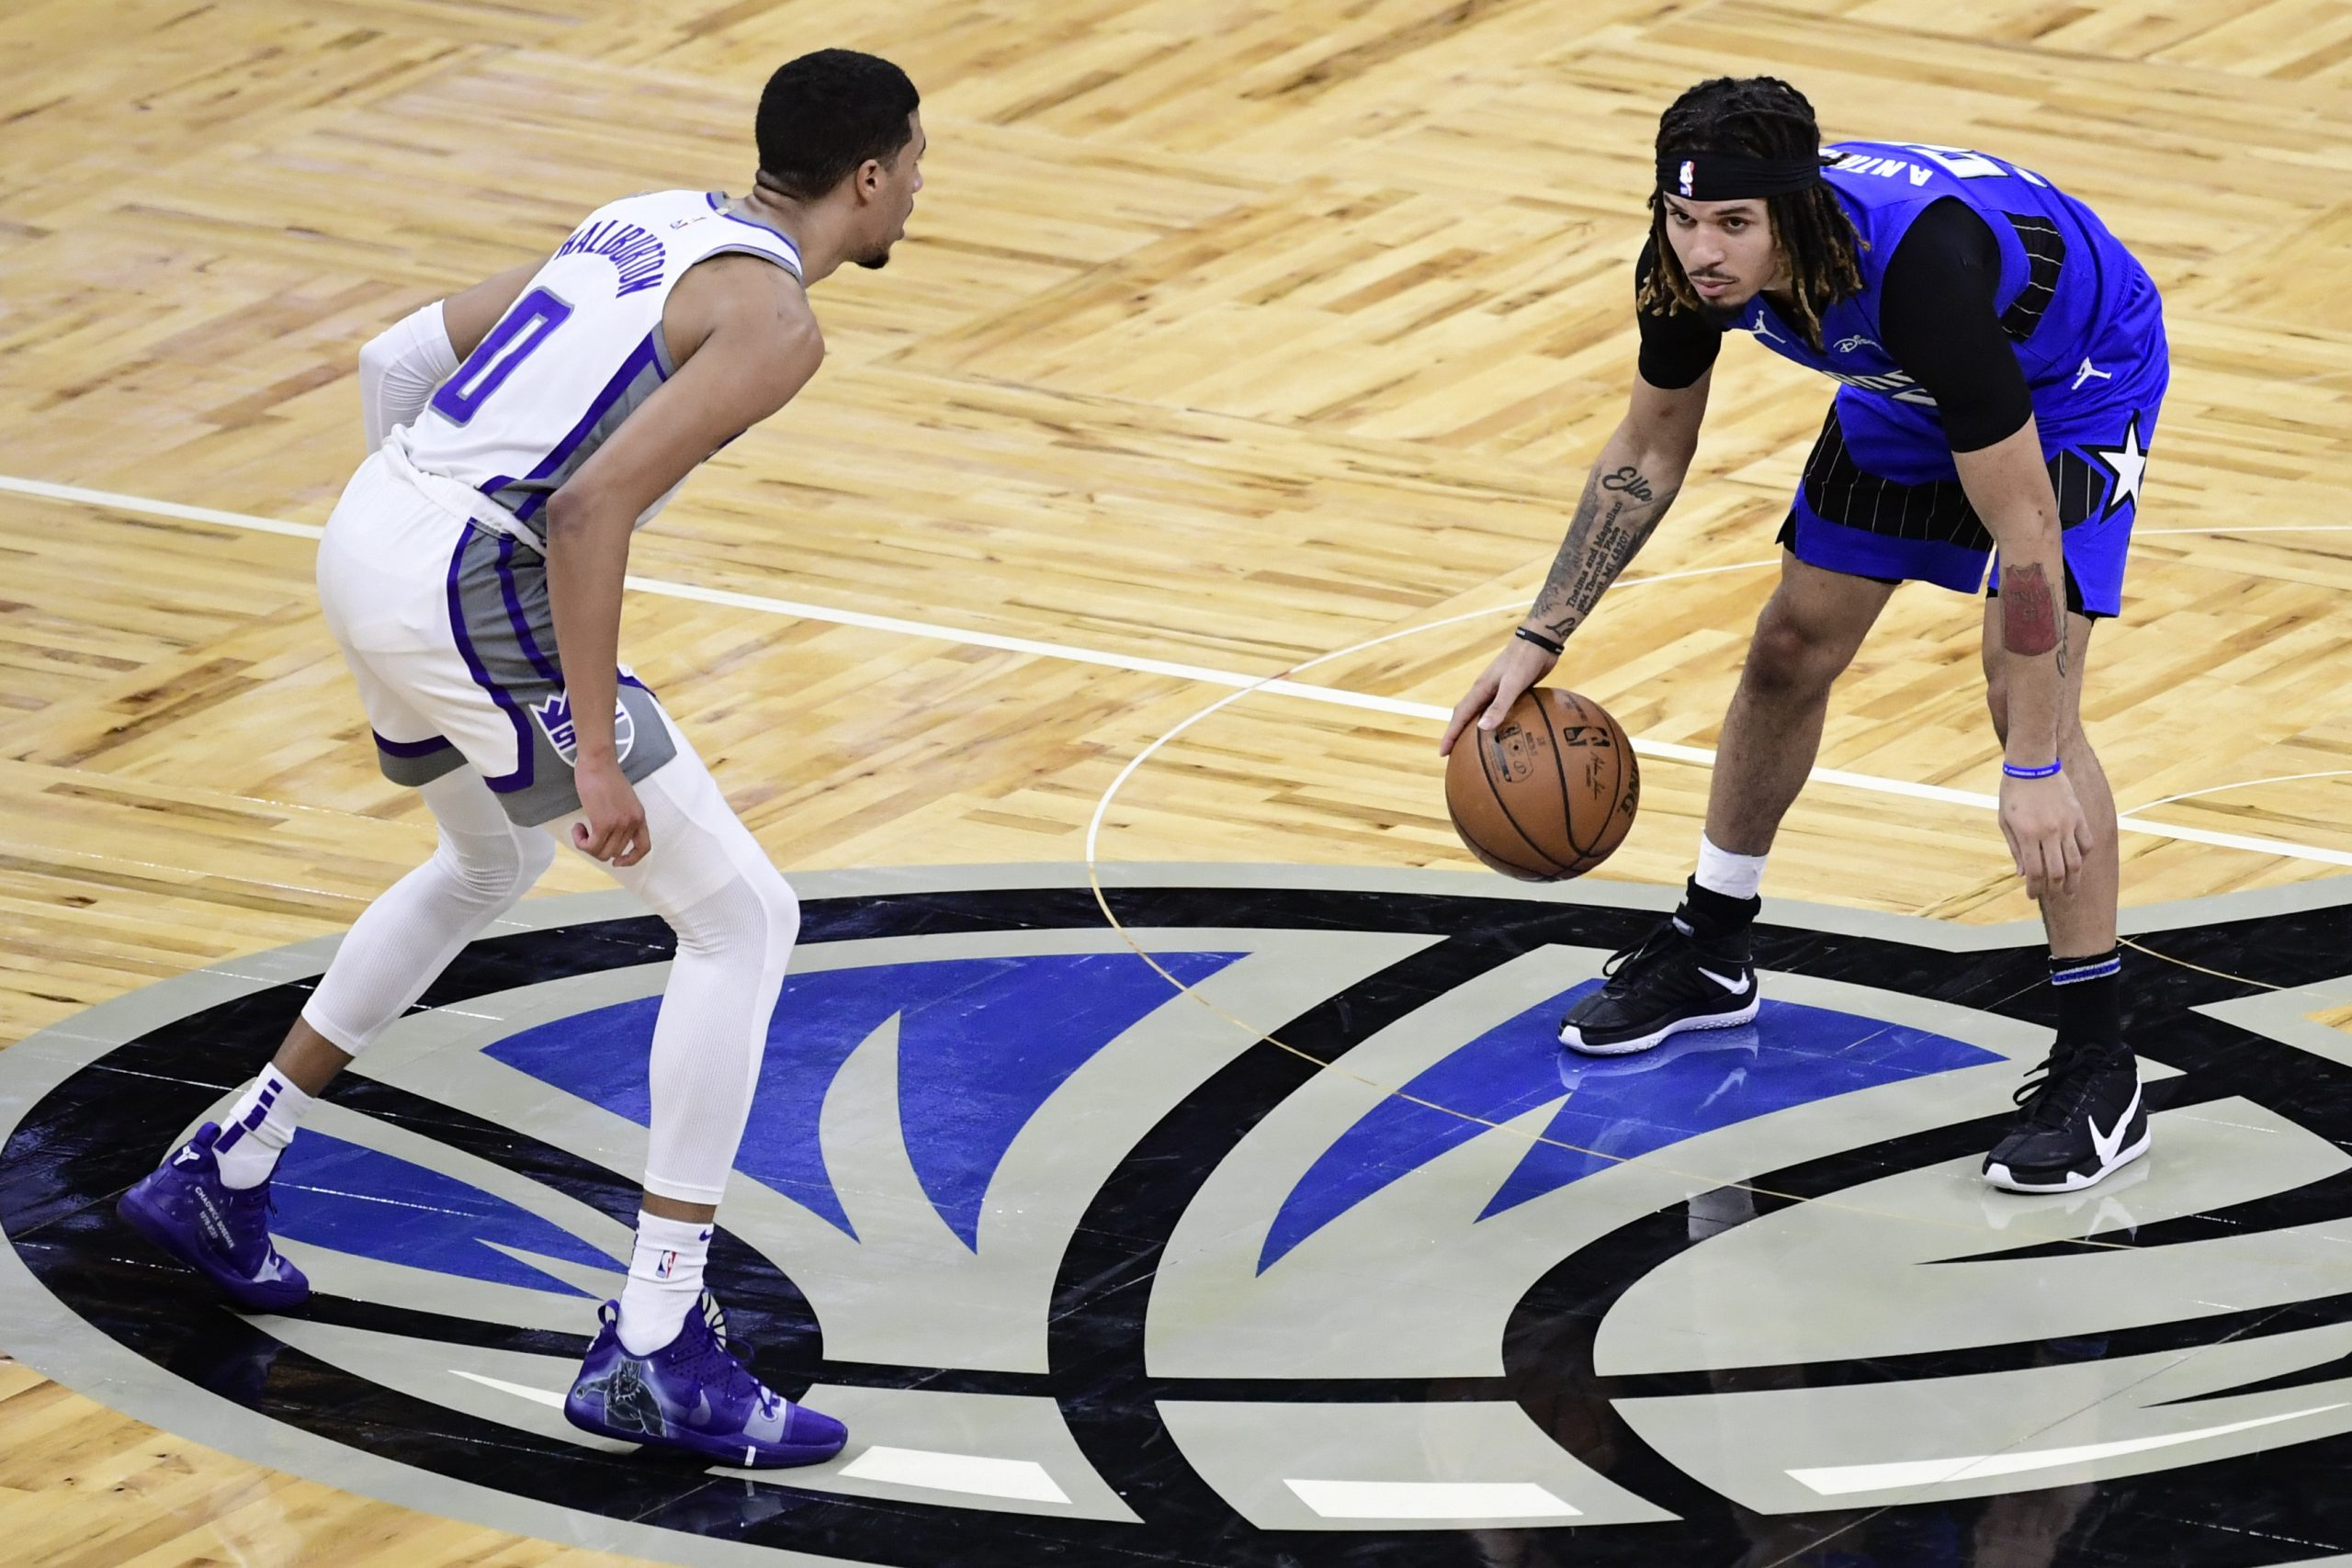 Raptors wygrywają z Nets bez (?) Duranta, świetny mecz Celtics-Clippers